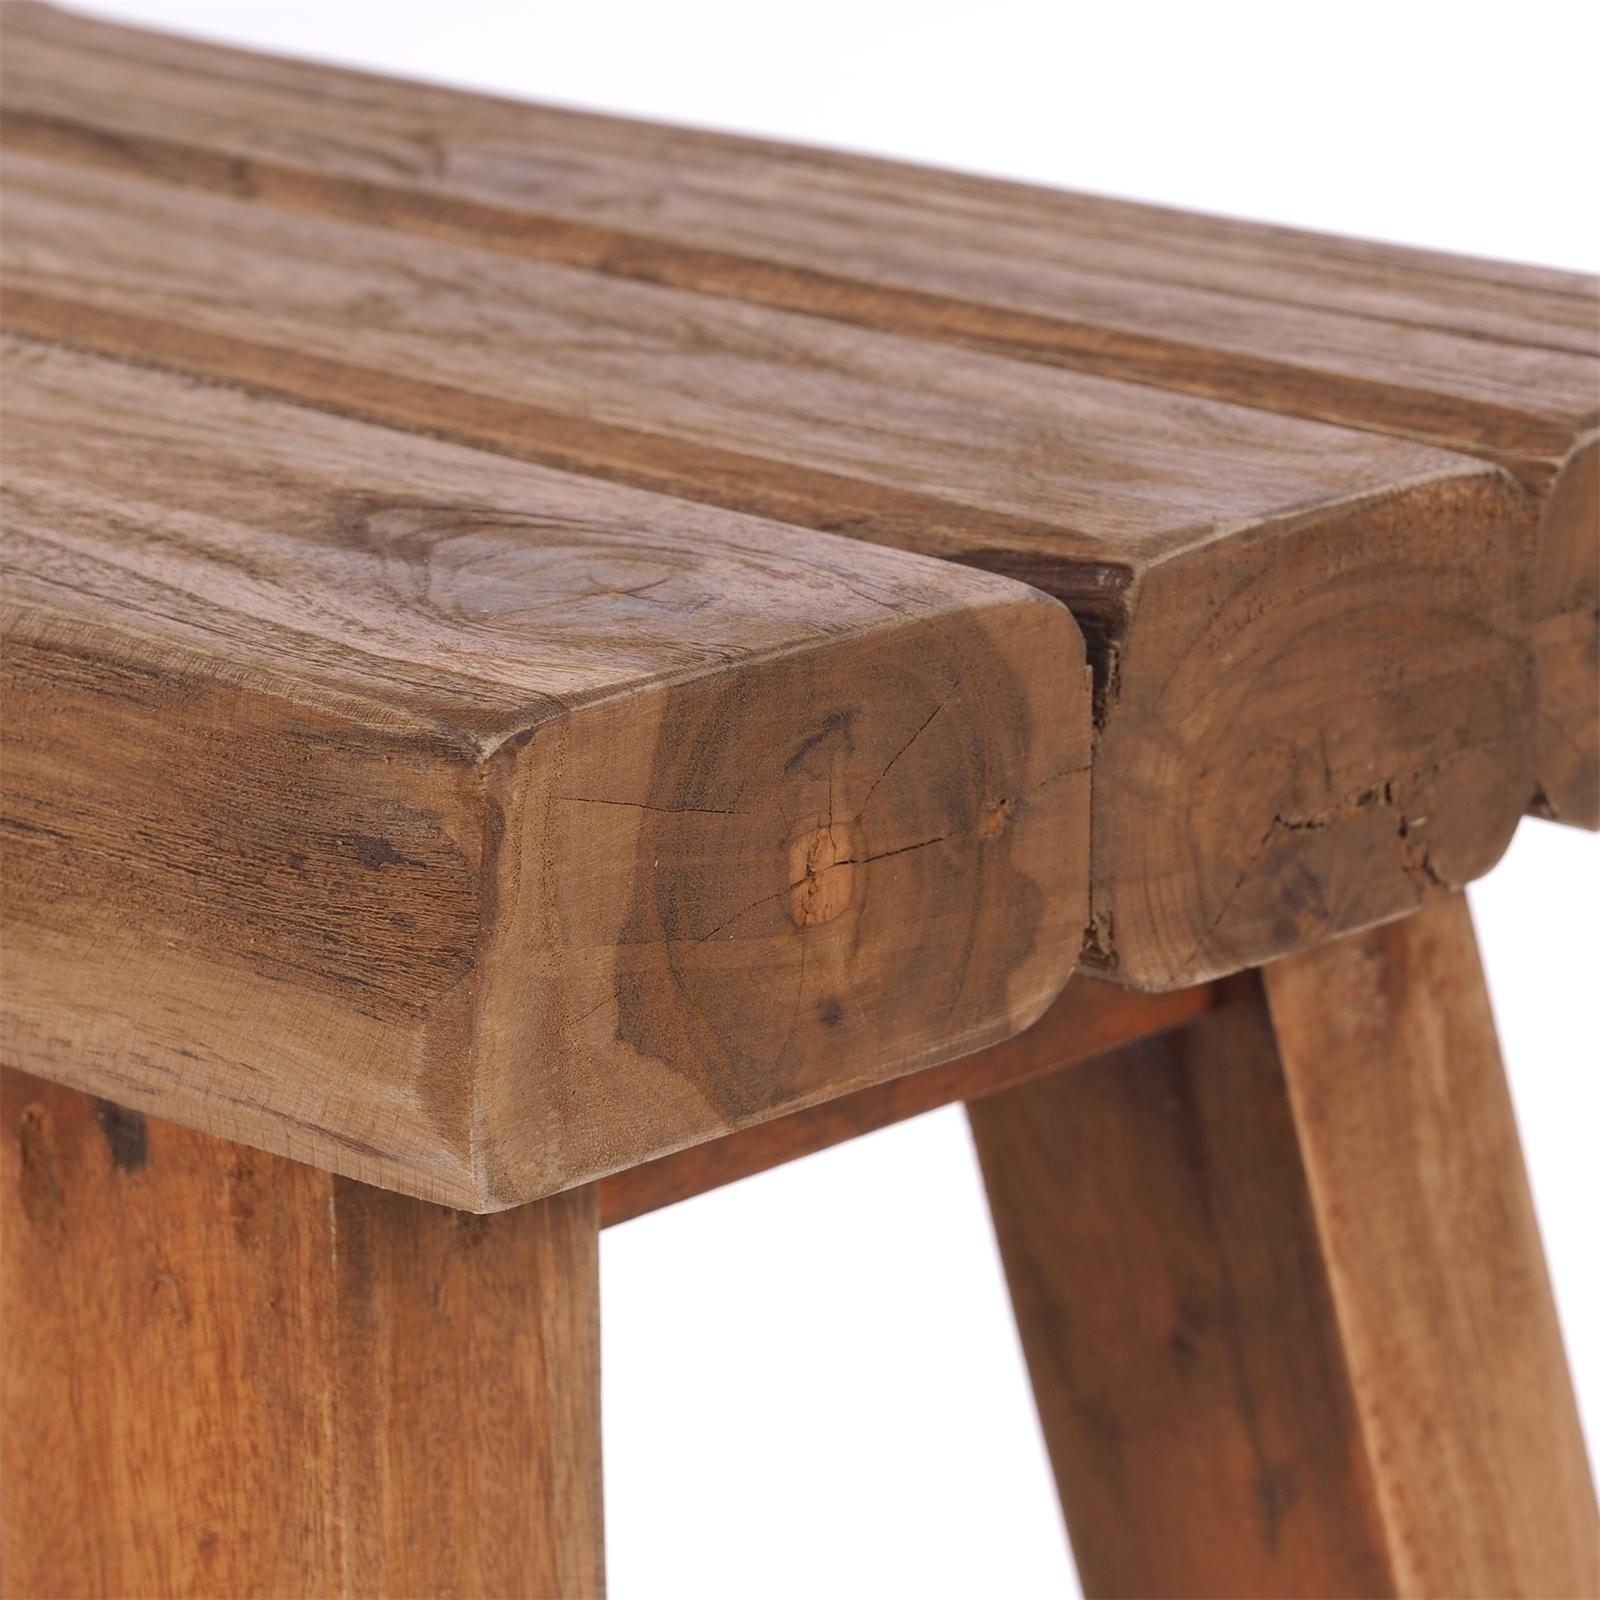 """SCHEMEL /""""RUSTIC/""""Recyclingholz Holz Hocker HxBxT 41x42x24cm"""